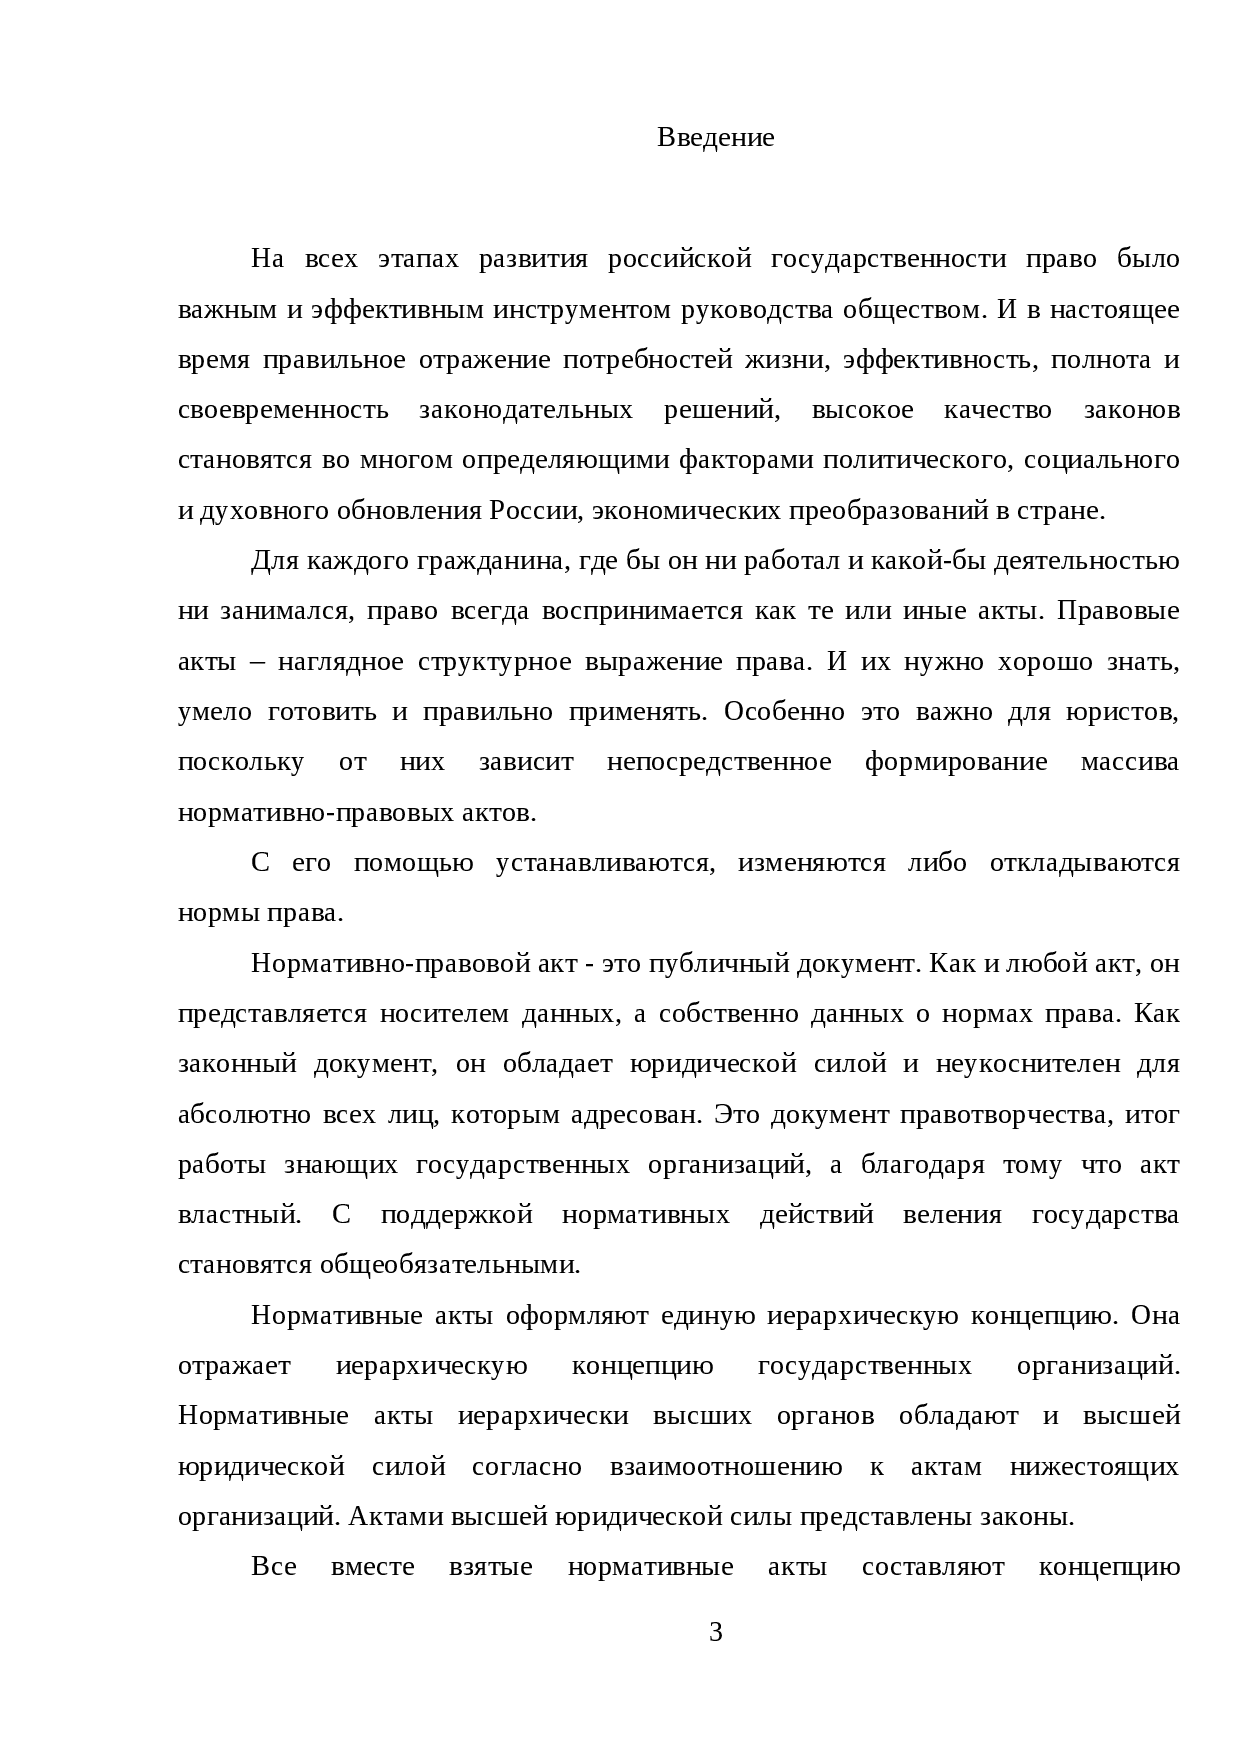 Нормативный документ википедия